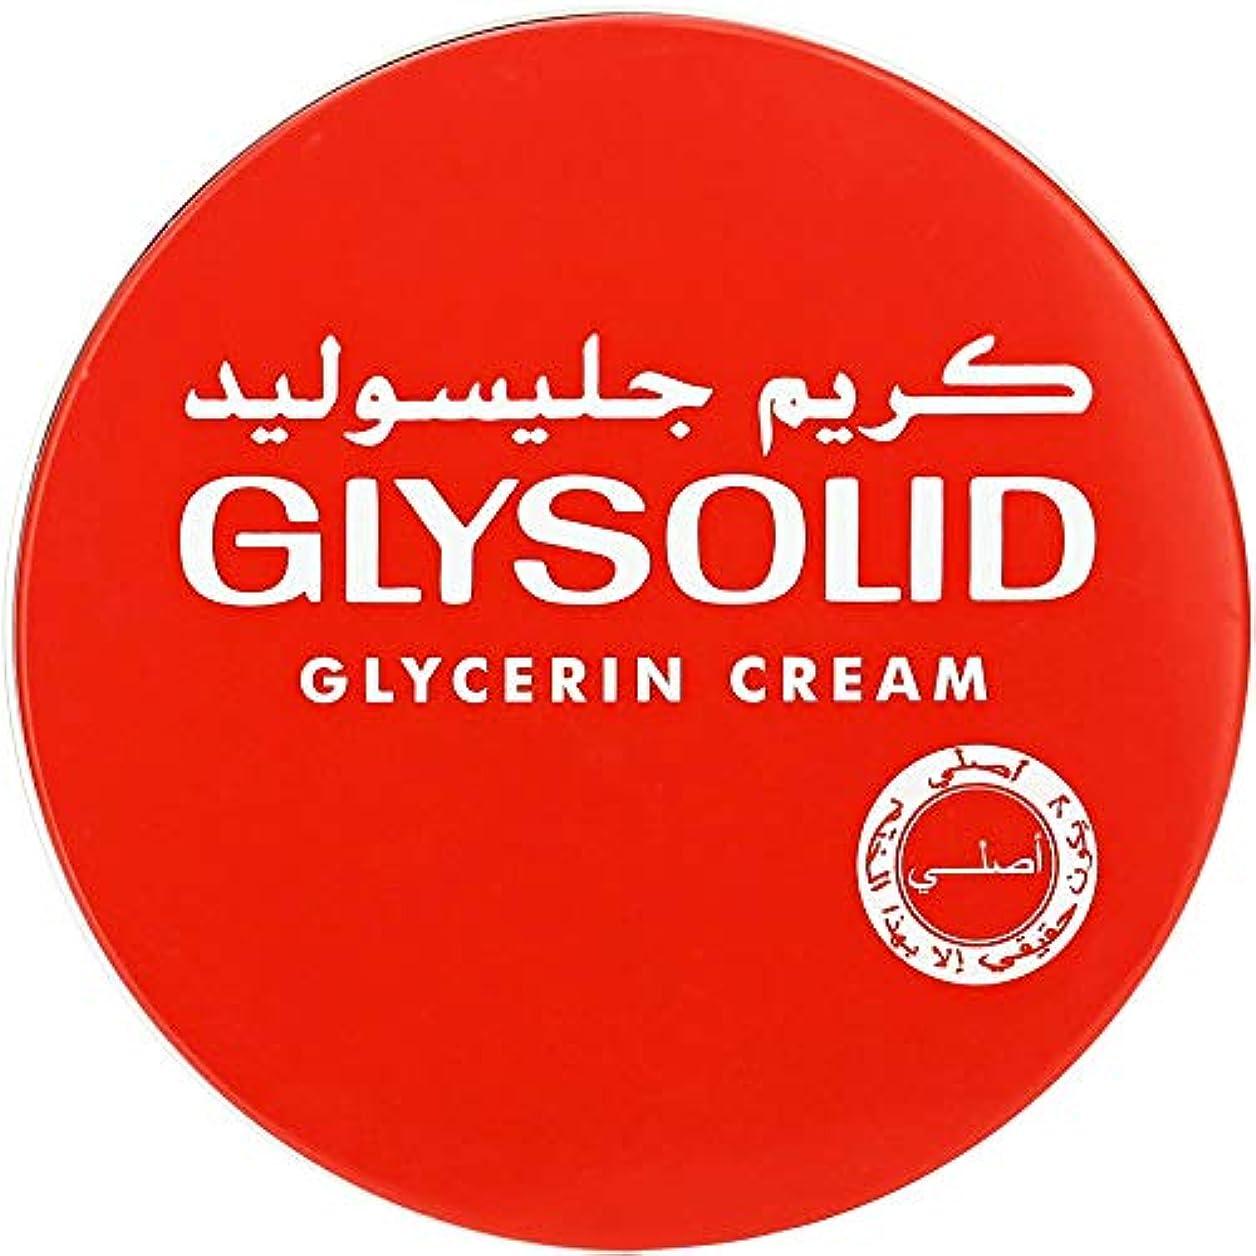 逆に興奮する佐賀Glysolid Cream Face Moisturizers For Dry Skin Hands Feet Elbow Body Softening With Glycerin Keeping Your Skin...